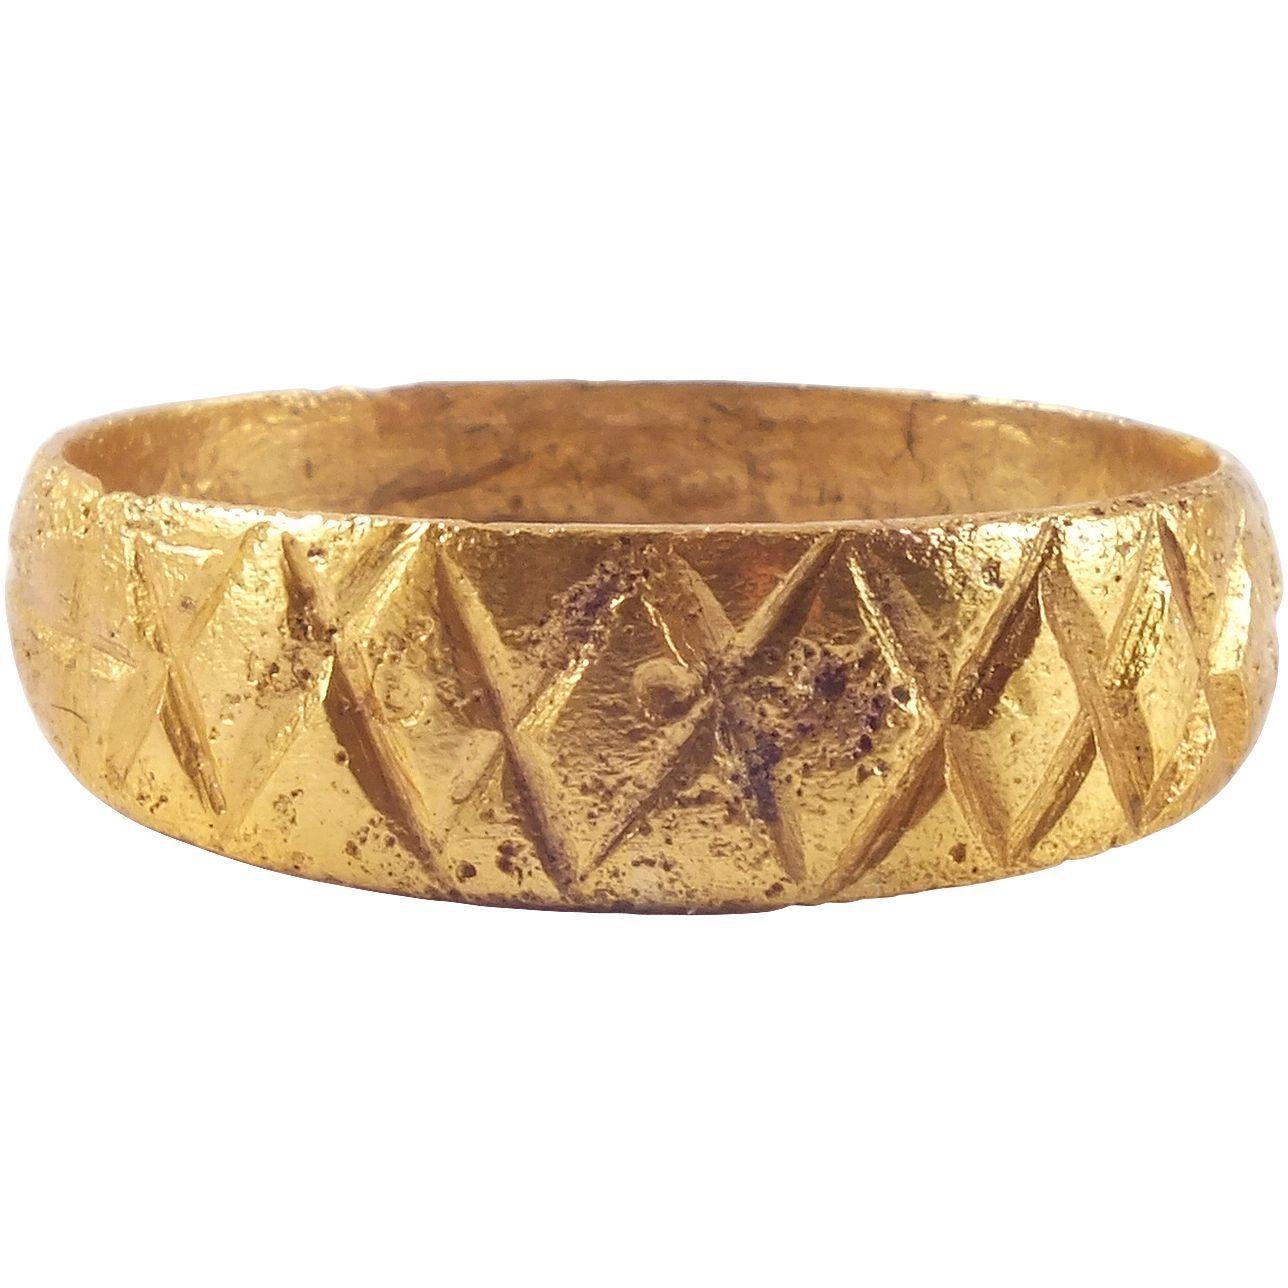 ANCIENT VIKING MAN'S WEDDING RING C.8501050 AD (con